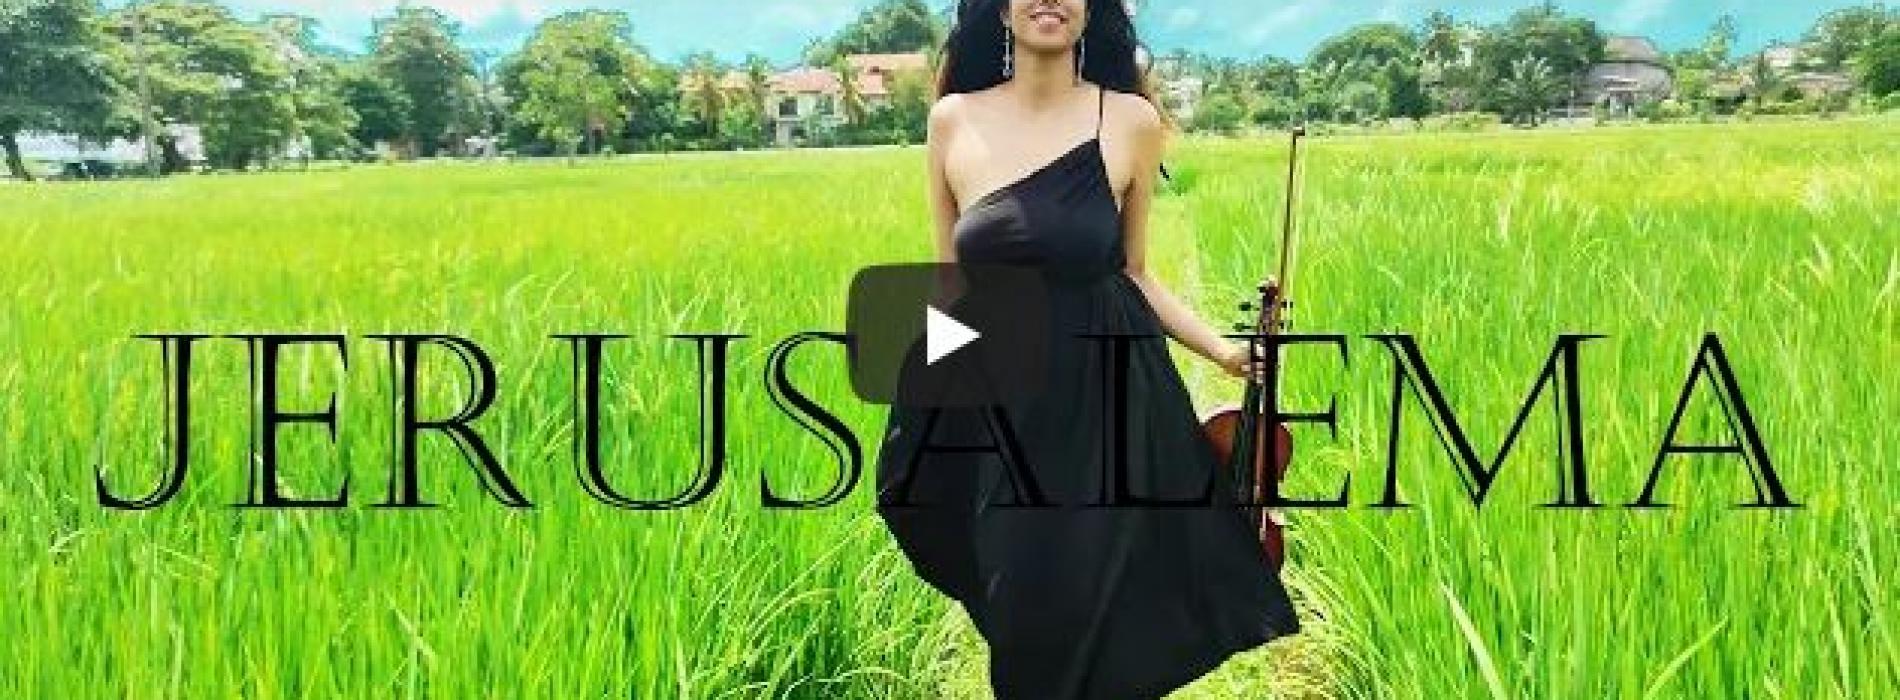 New Music : Jerusalema – Master KG | Violin & Dance Challenge | Shanela De Livera